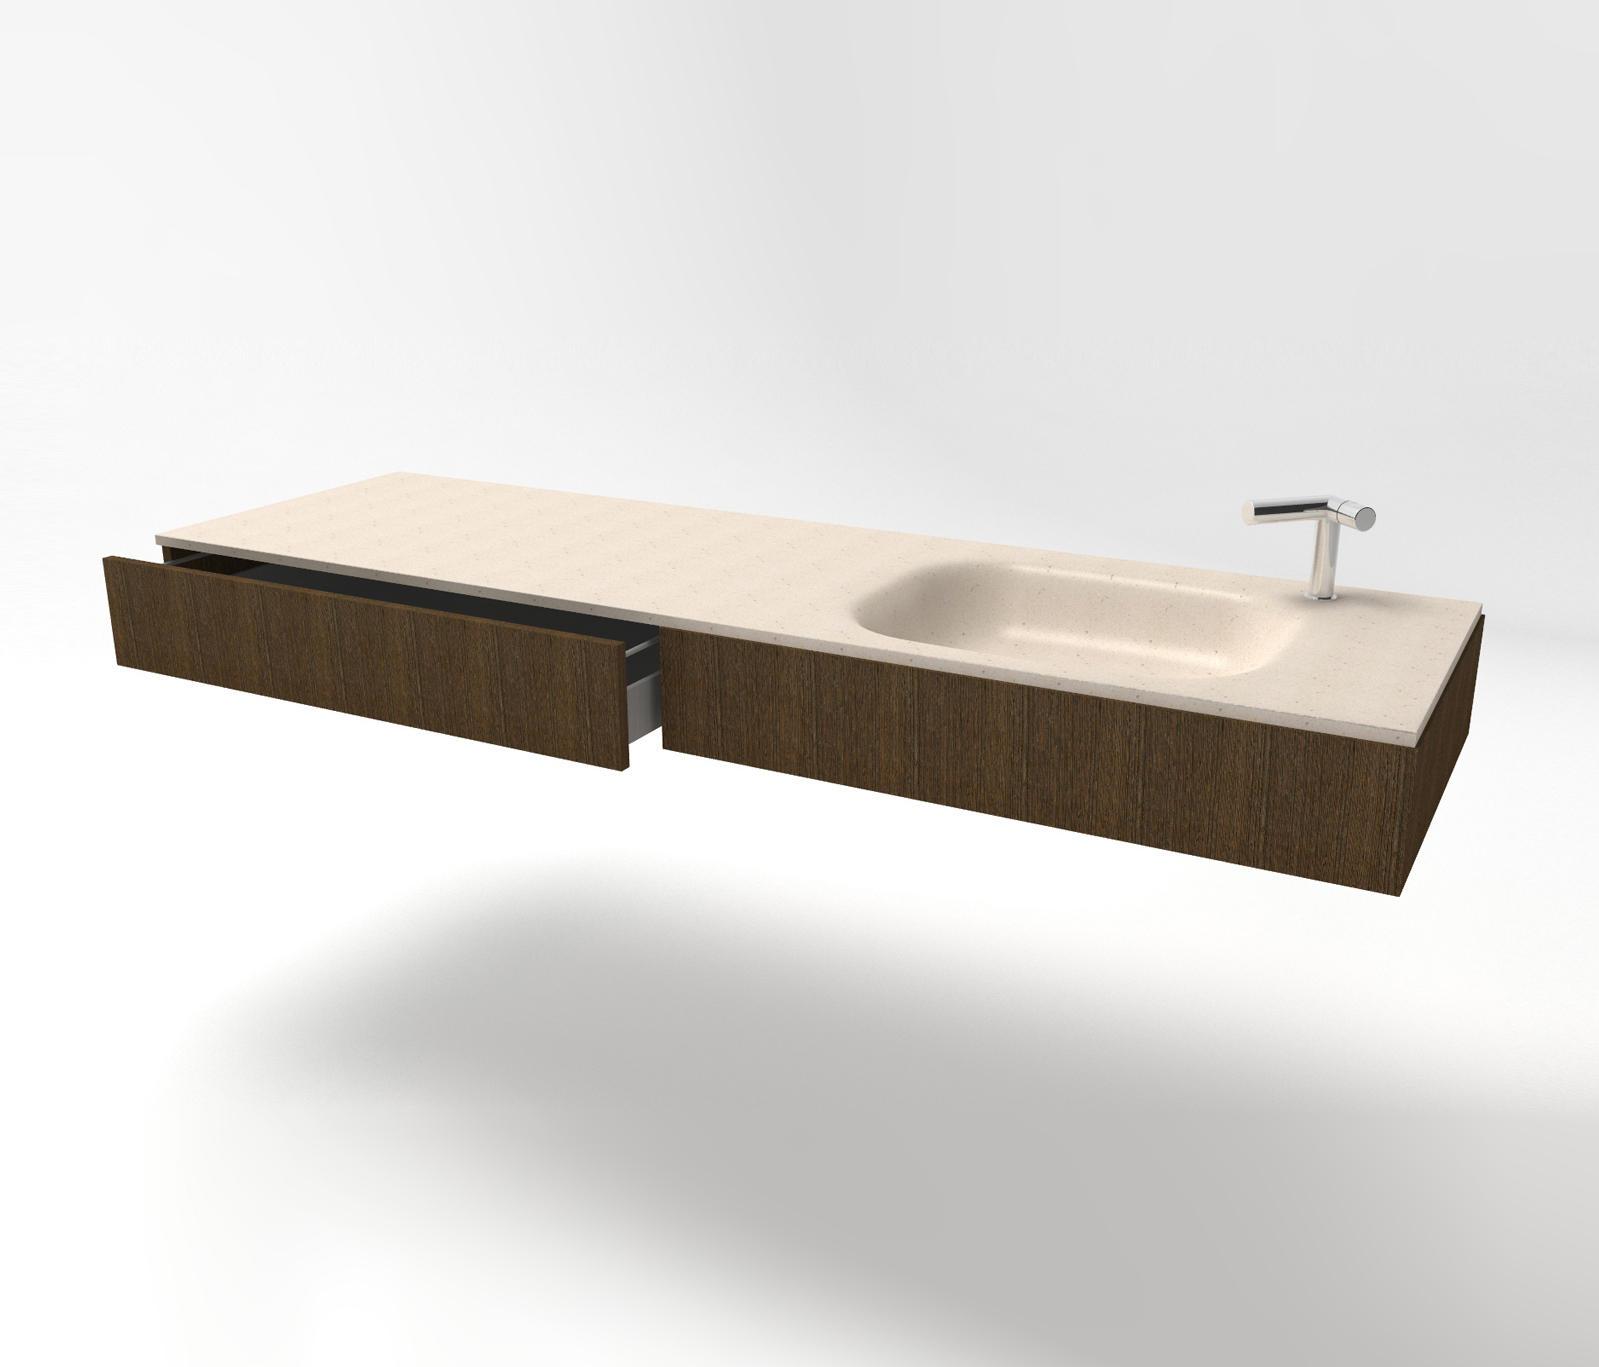 MASI ALTI MOBILE SOSPESO - Mobili lavabo Zaninelli | Architonic